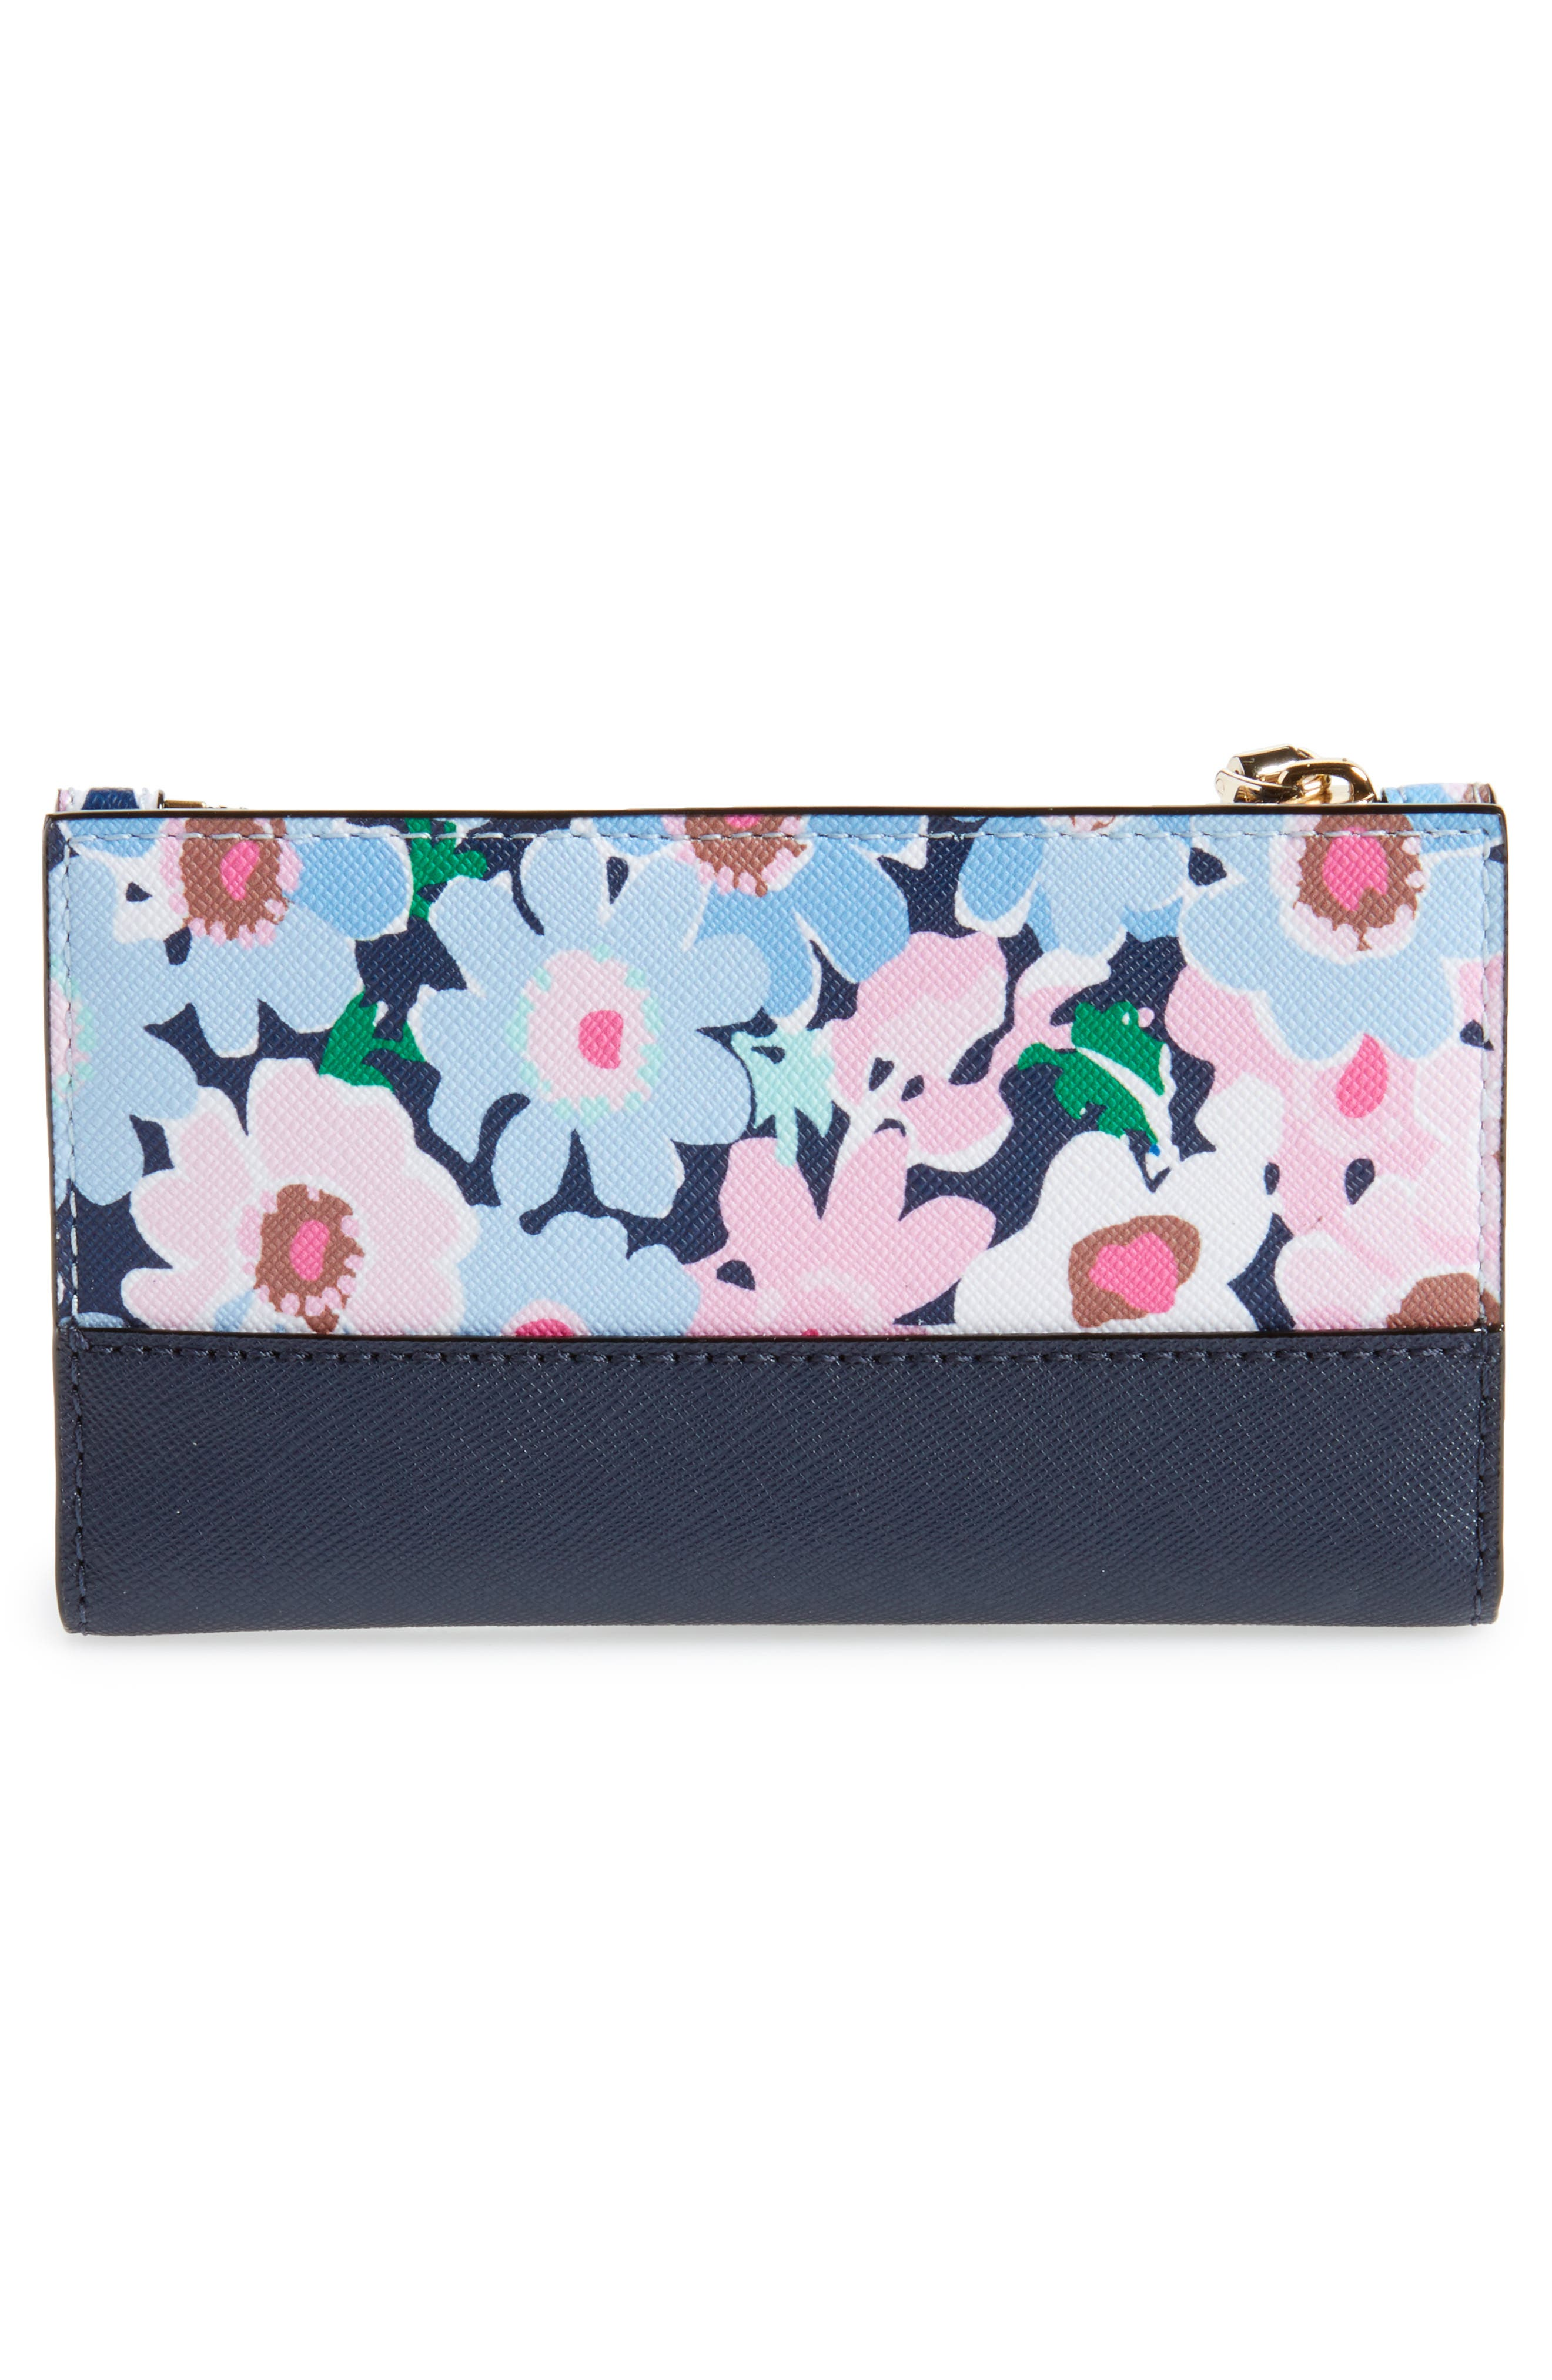 cameron street - daisy garden wallet,                             Alternate thumbnail 4, color,